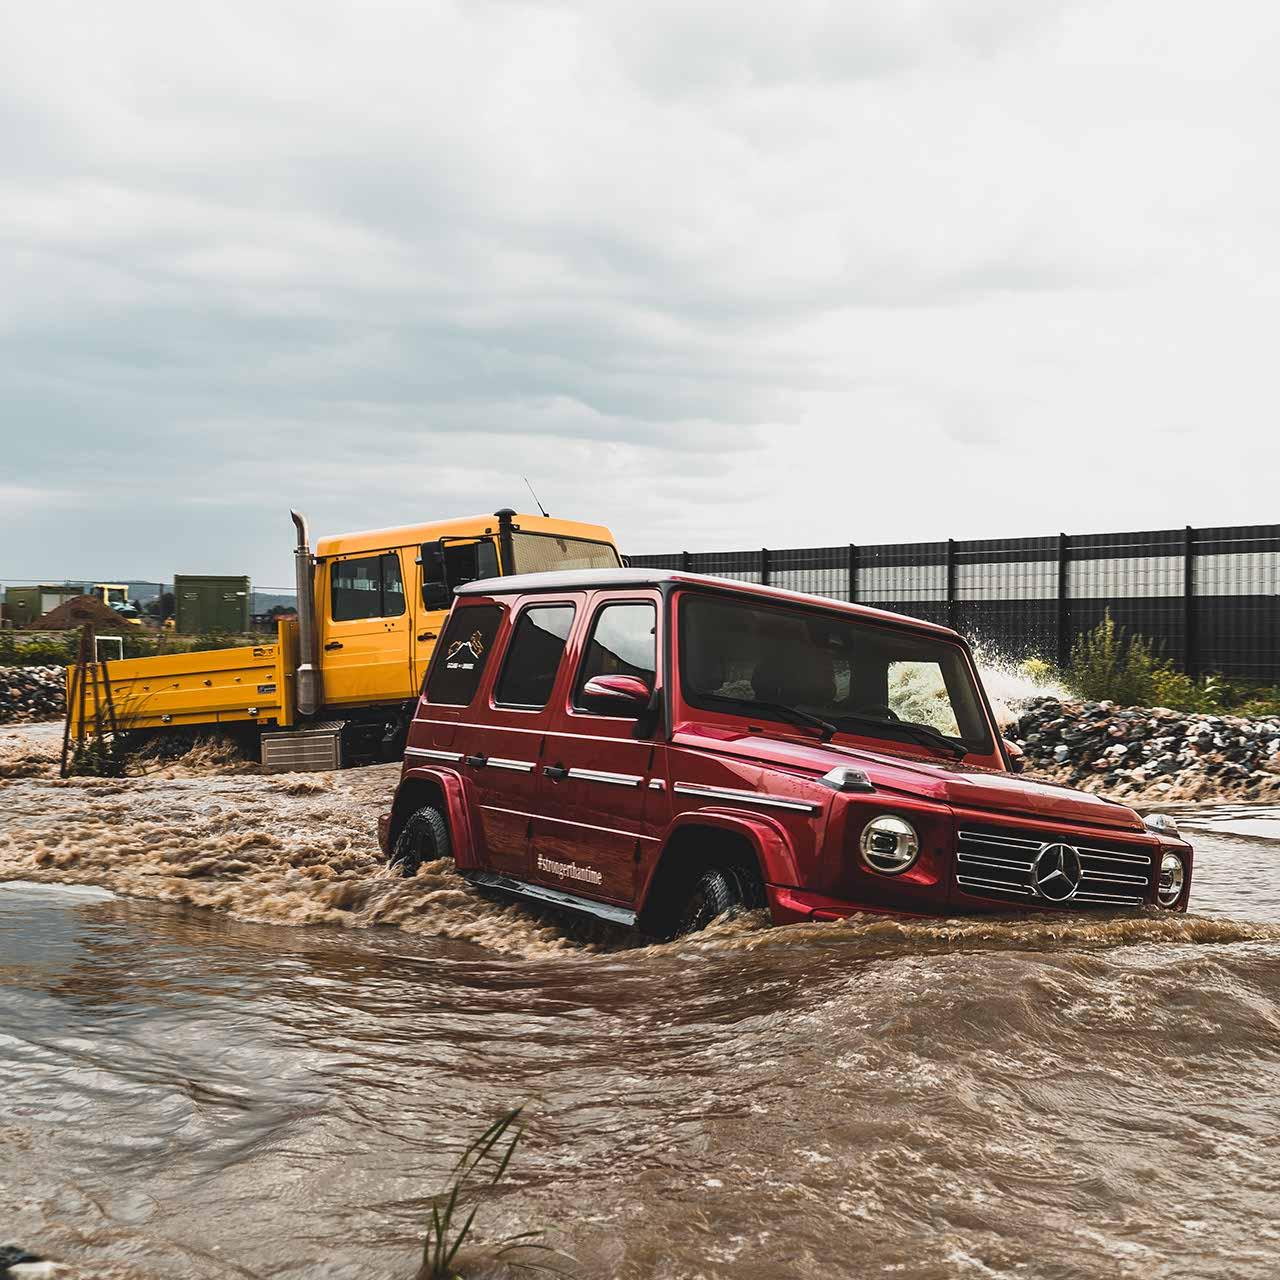 Unimog und G-Klasse Mercedes im Wasser | brainstormunich media Videoproduktion Fotoproduktion Filmpoduktion Fotografie München Agentur Filmagentur Social Media